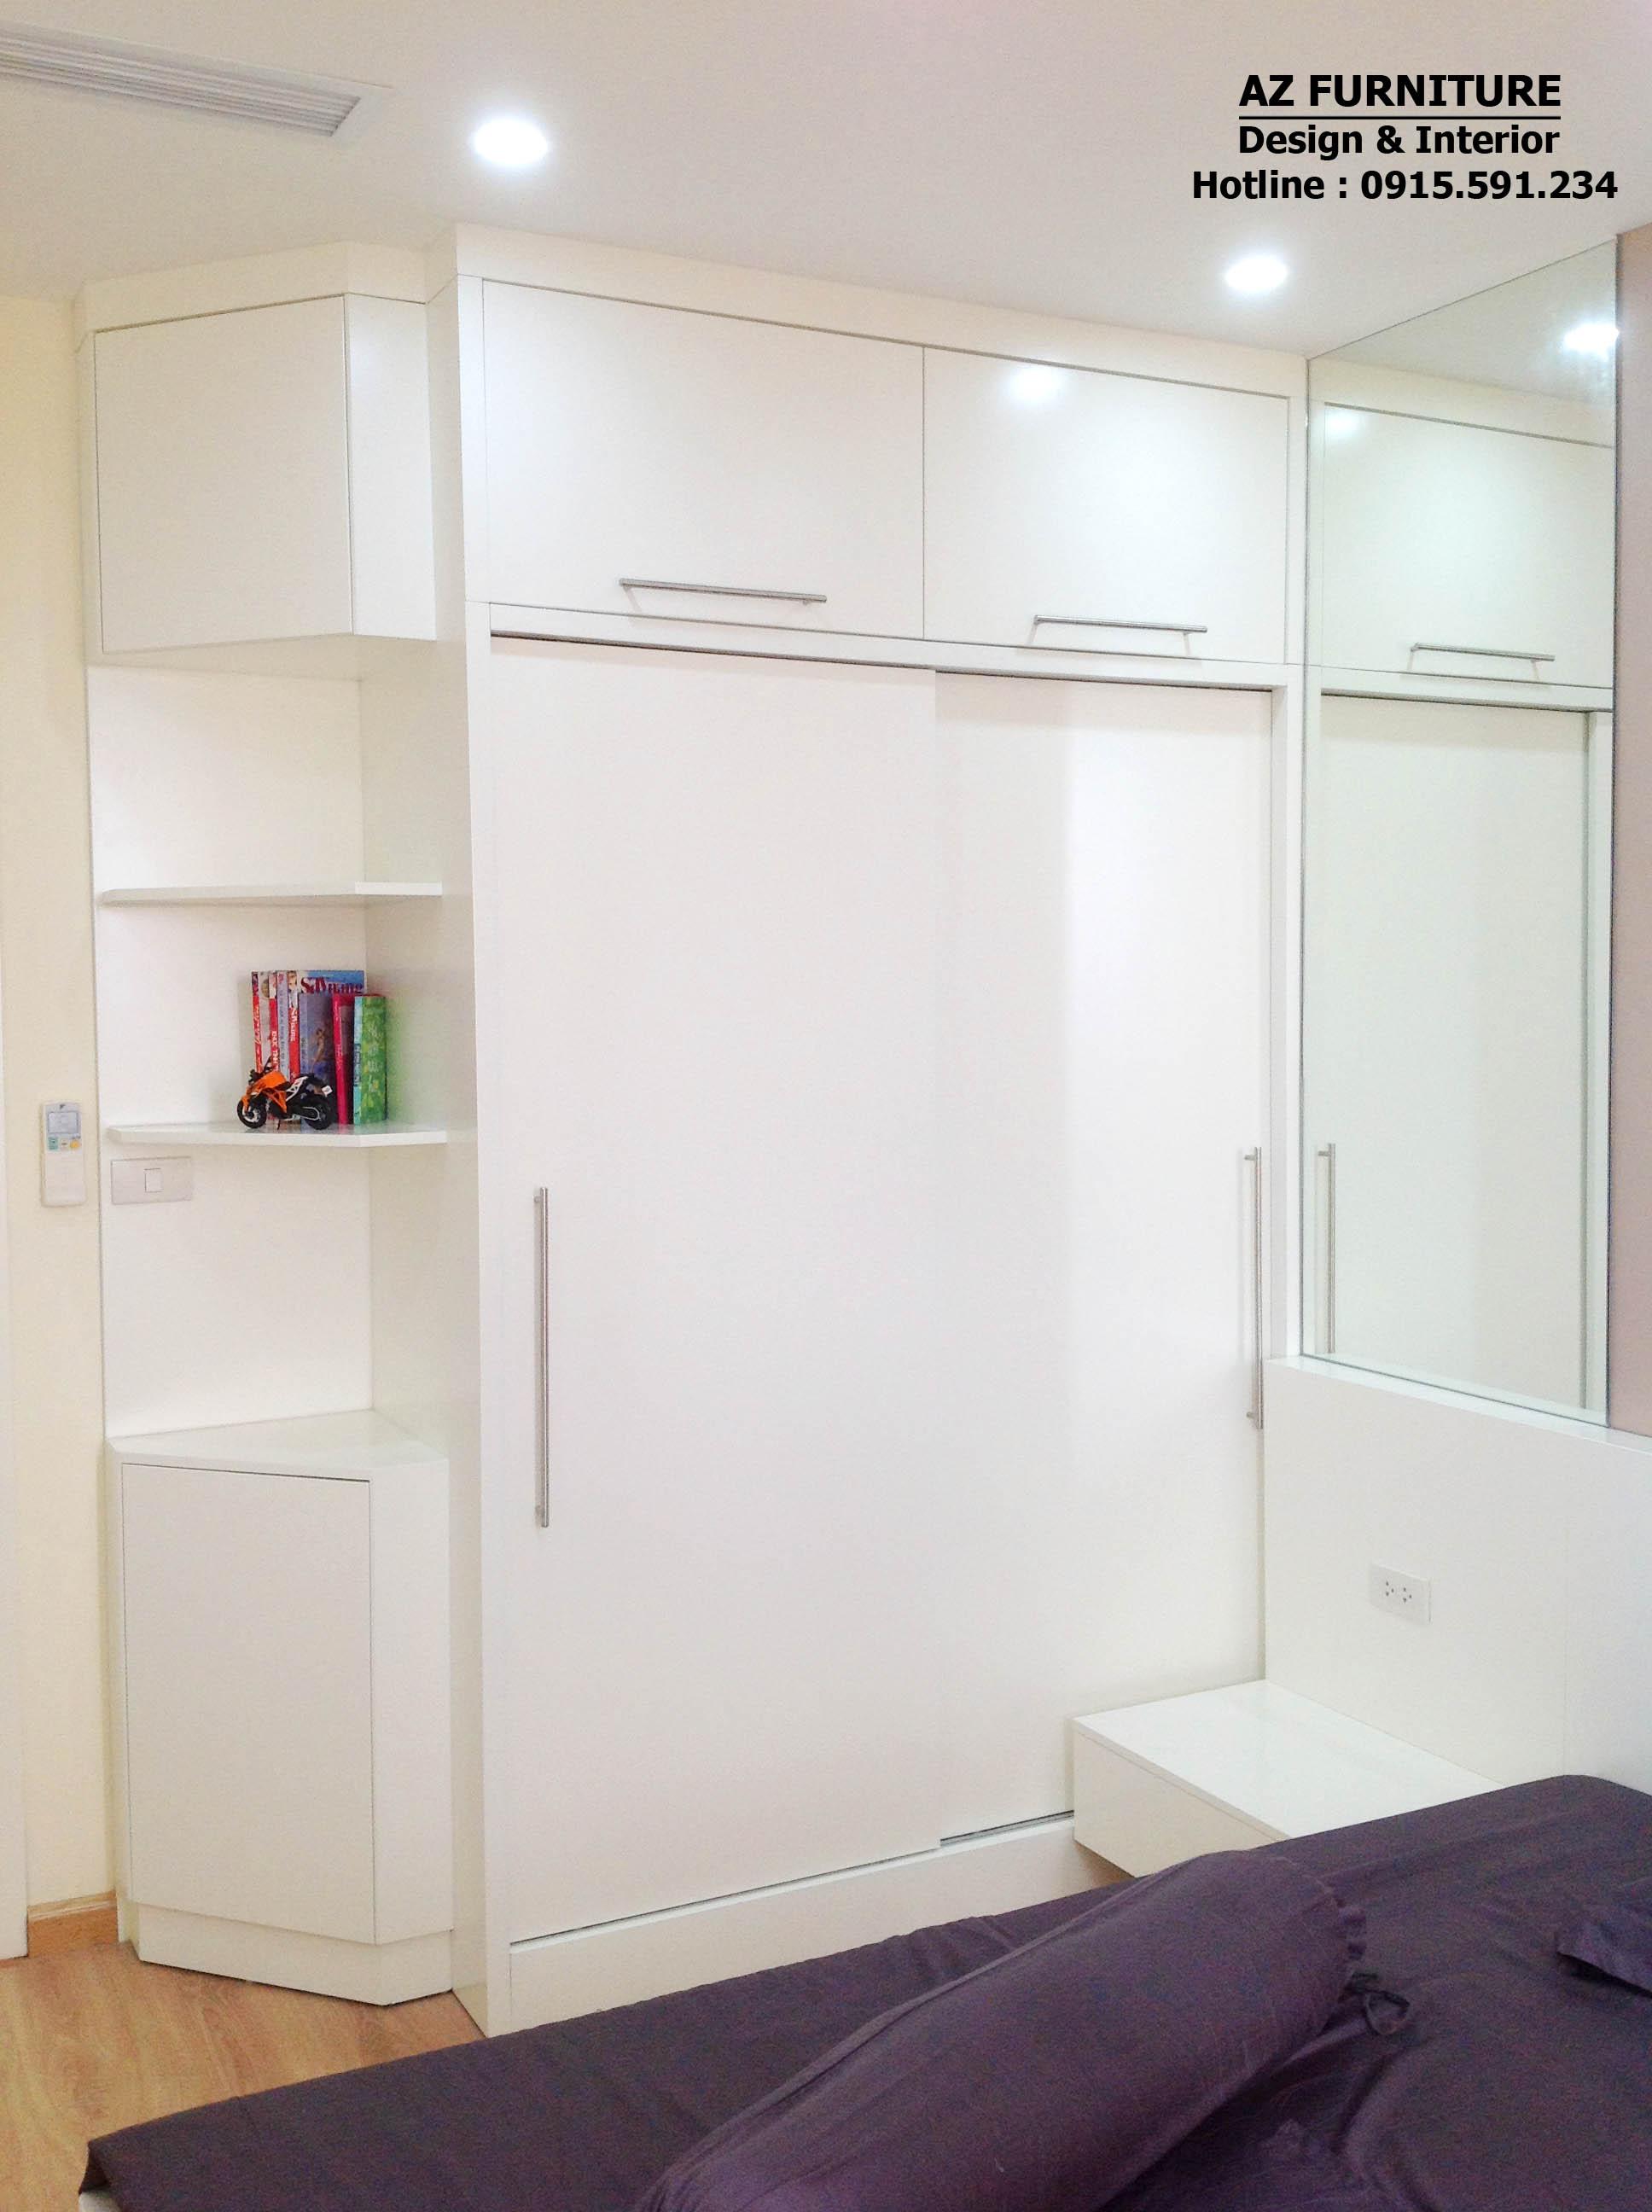 Thiết kế và thi công nội thất chung cư - Hottline: 091 559 1234